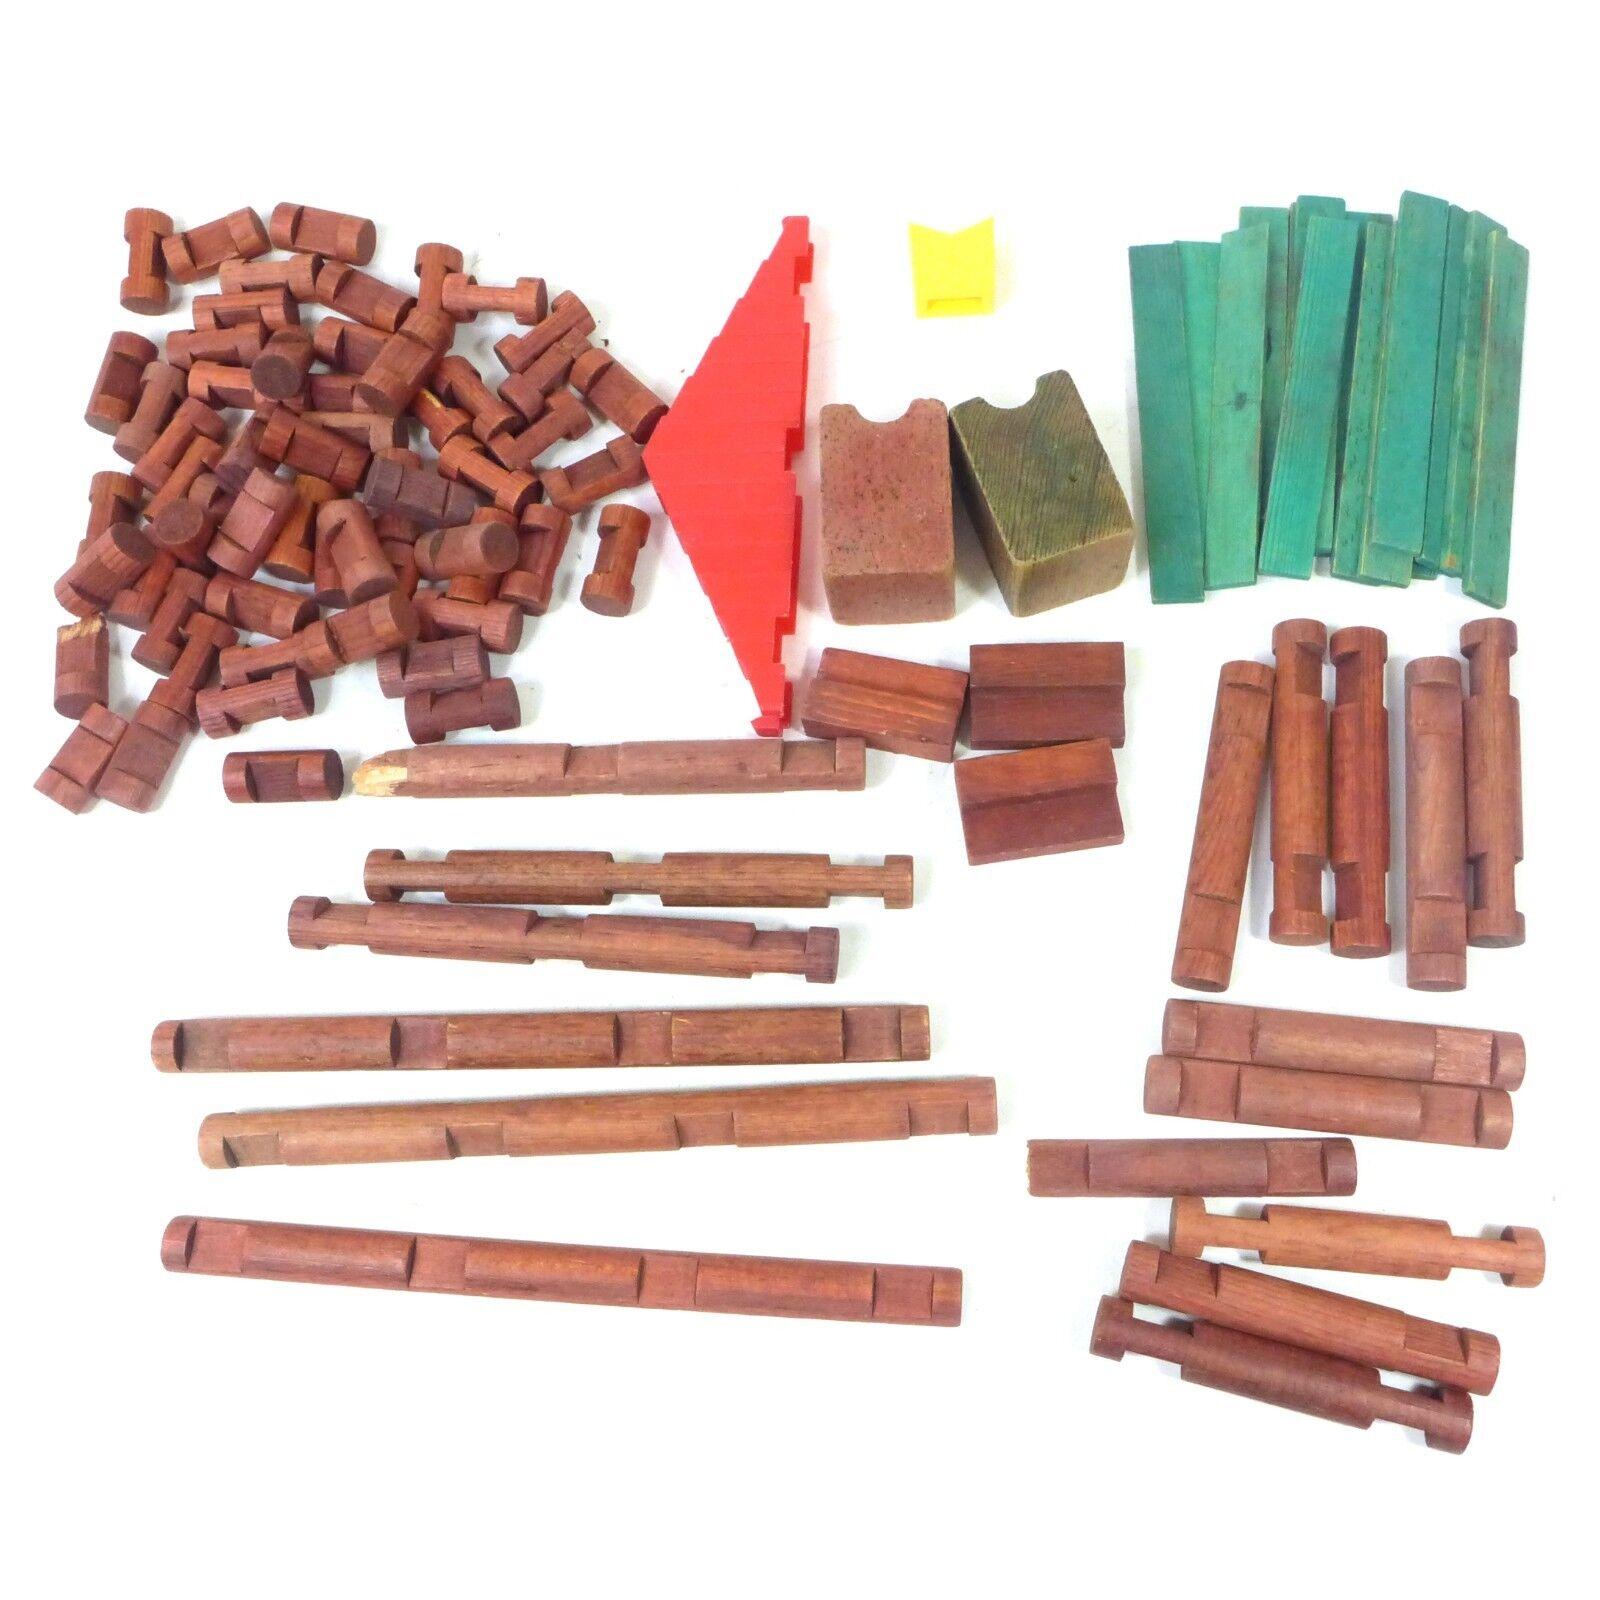 Viele oldtimer - 50 + pc lincoln logs allerlei spielzeug stücke gebäude (große)